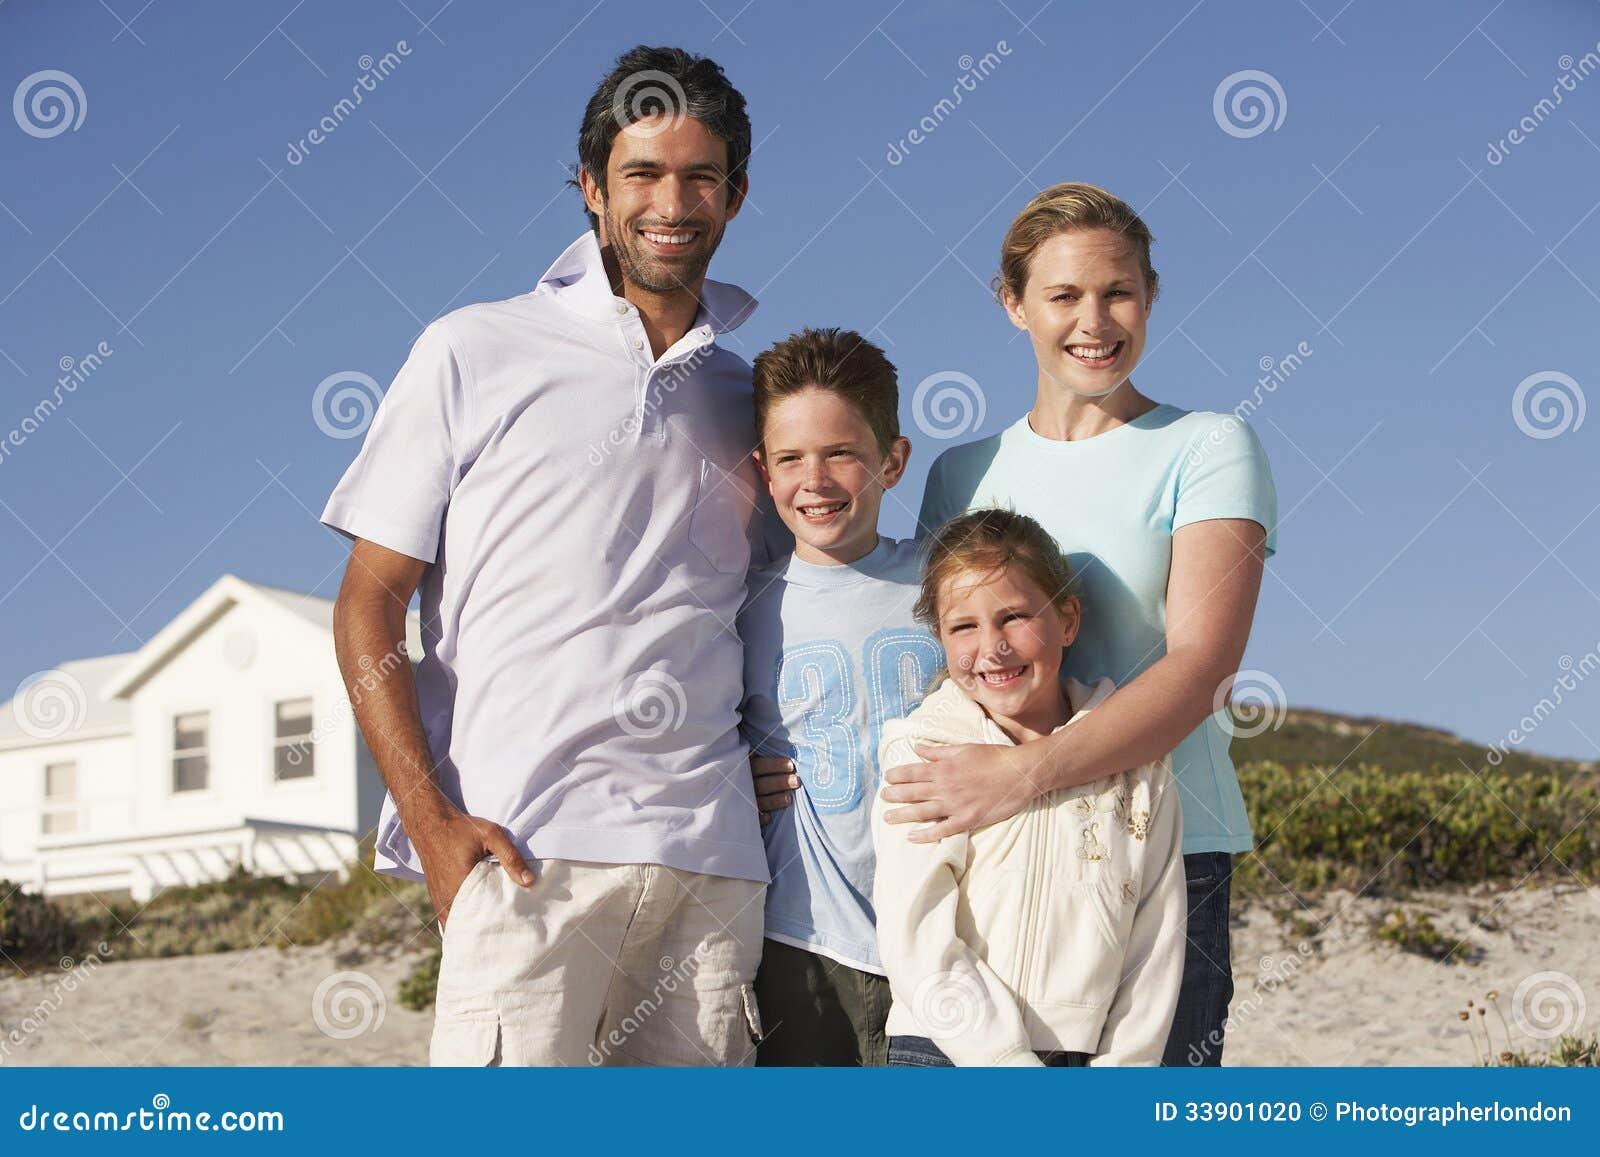 Портрет счастливой семьи на пляже